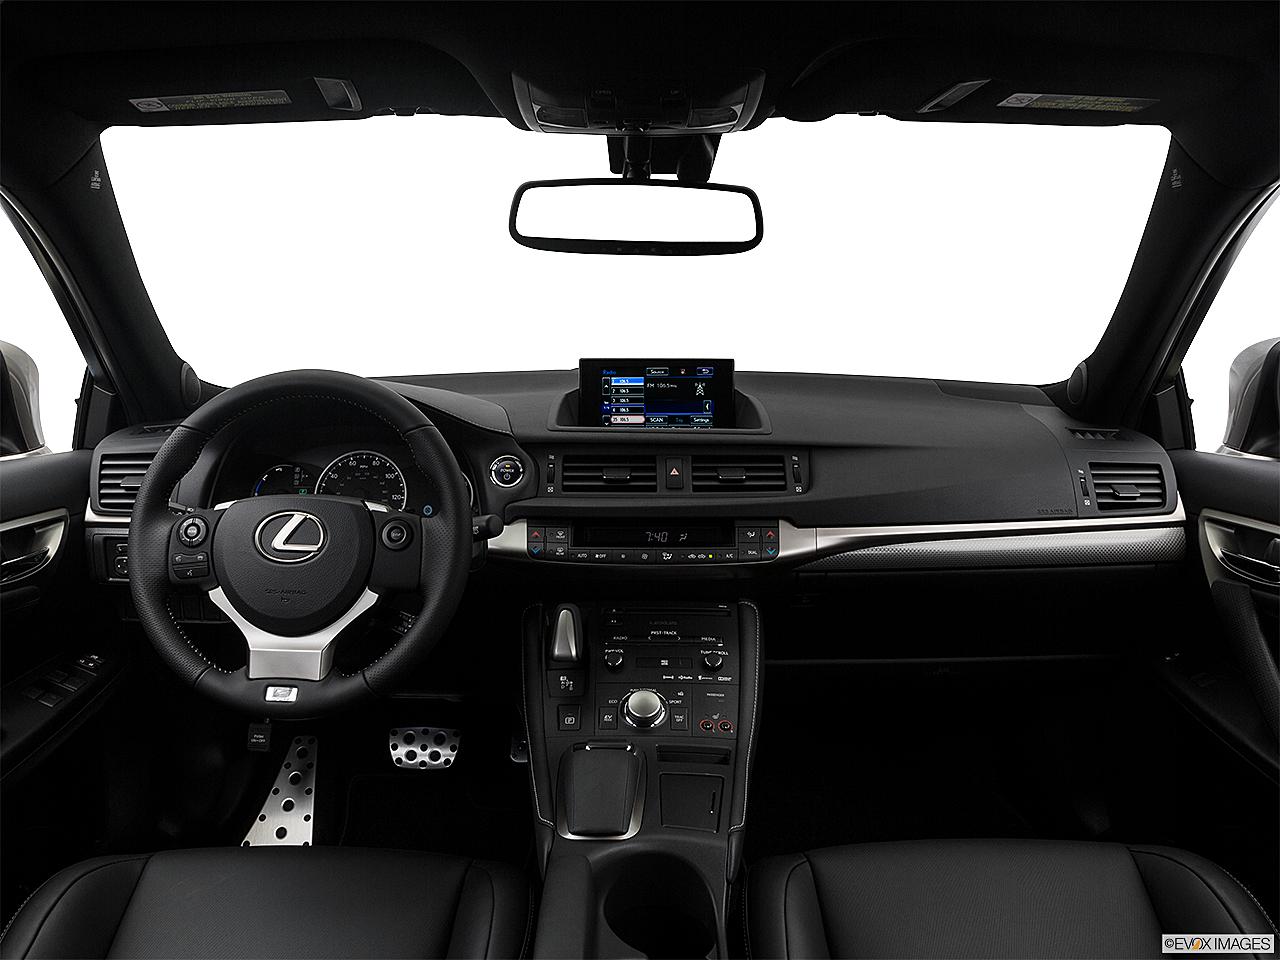 2017 lexus ct 200h 4dr hatchback research groovecar. Black Bedroom Furniture Sets. Home Design Ideas